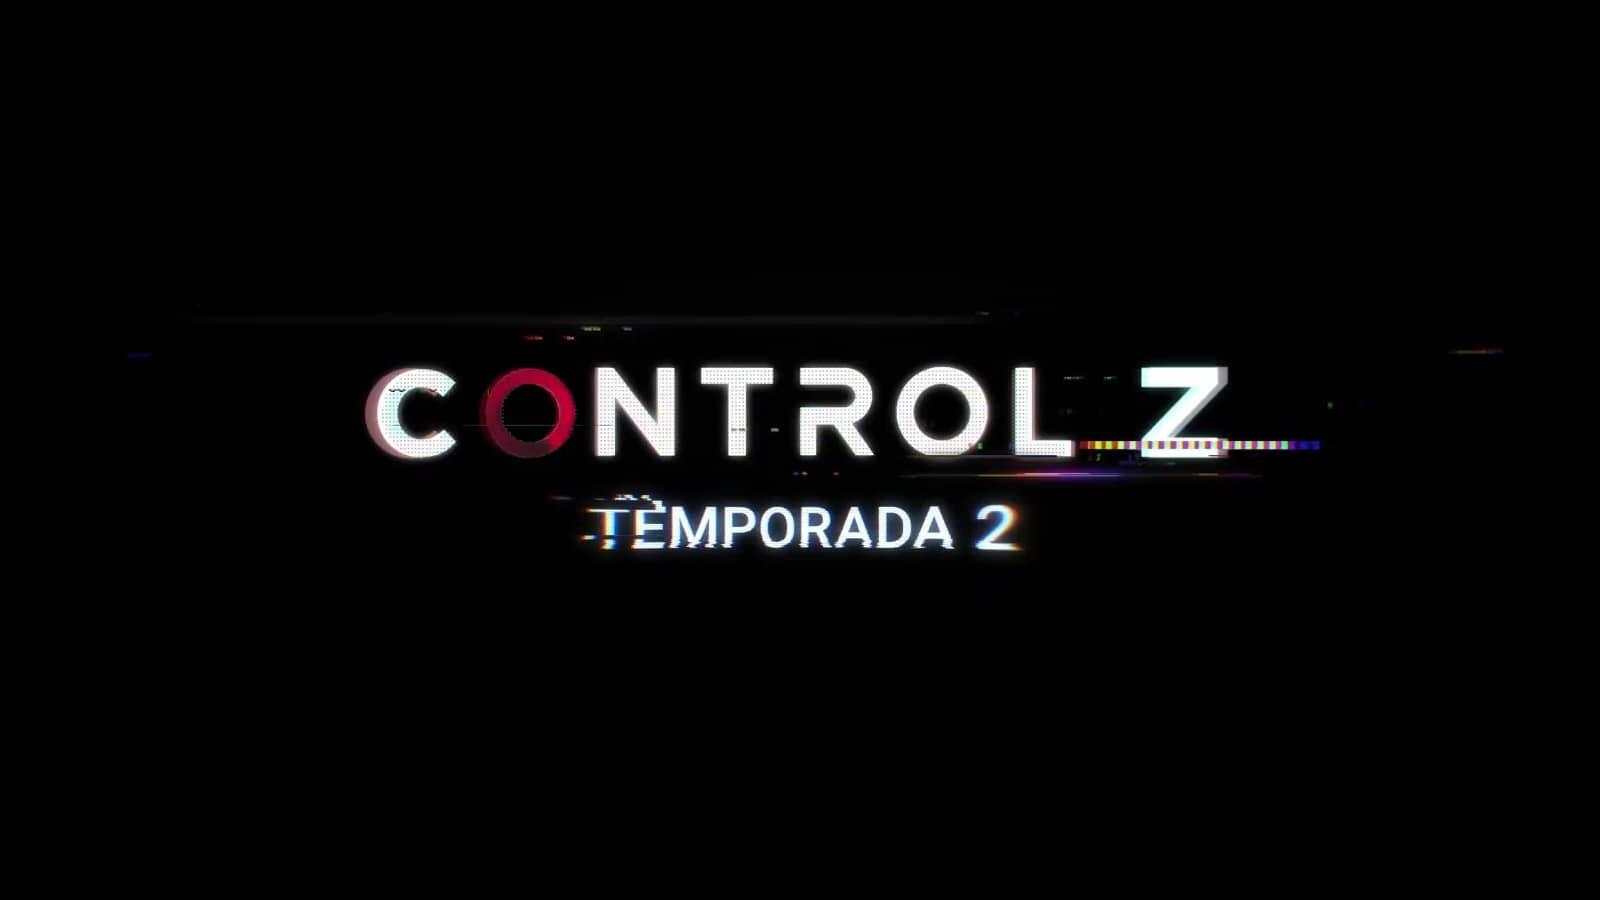 Control Z Temporada 2: Netflix confirma la continuación de la serie